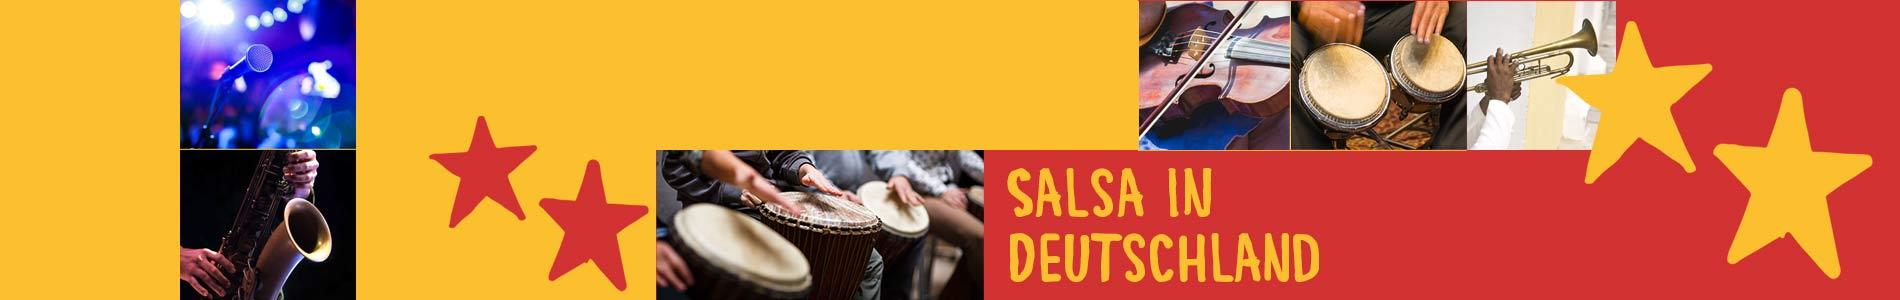 Salsa in Breiholz – Salsa lernen und tanzen, Tanzkurse, Partys, Veranstaltungen